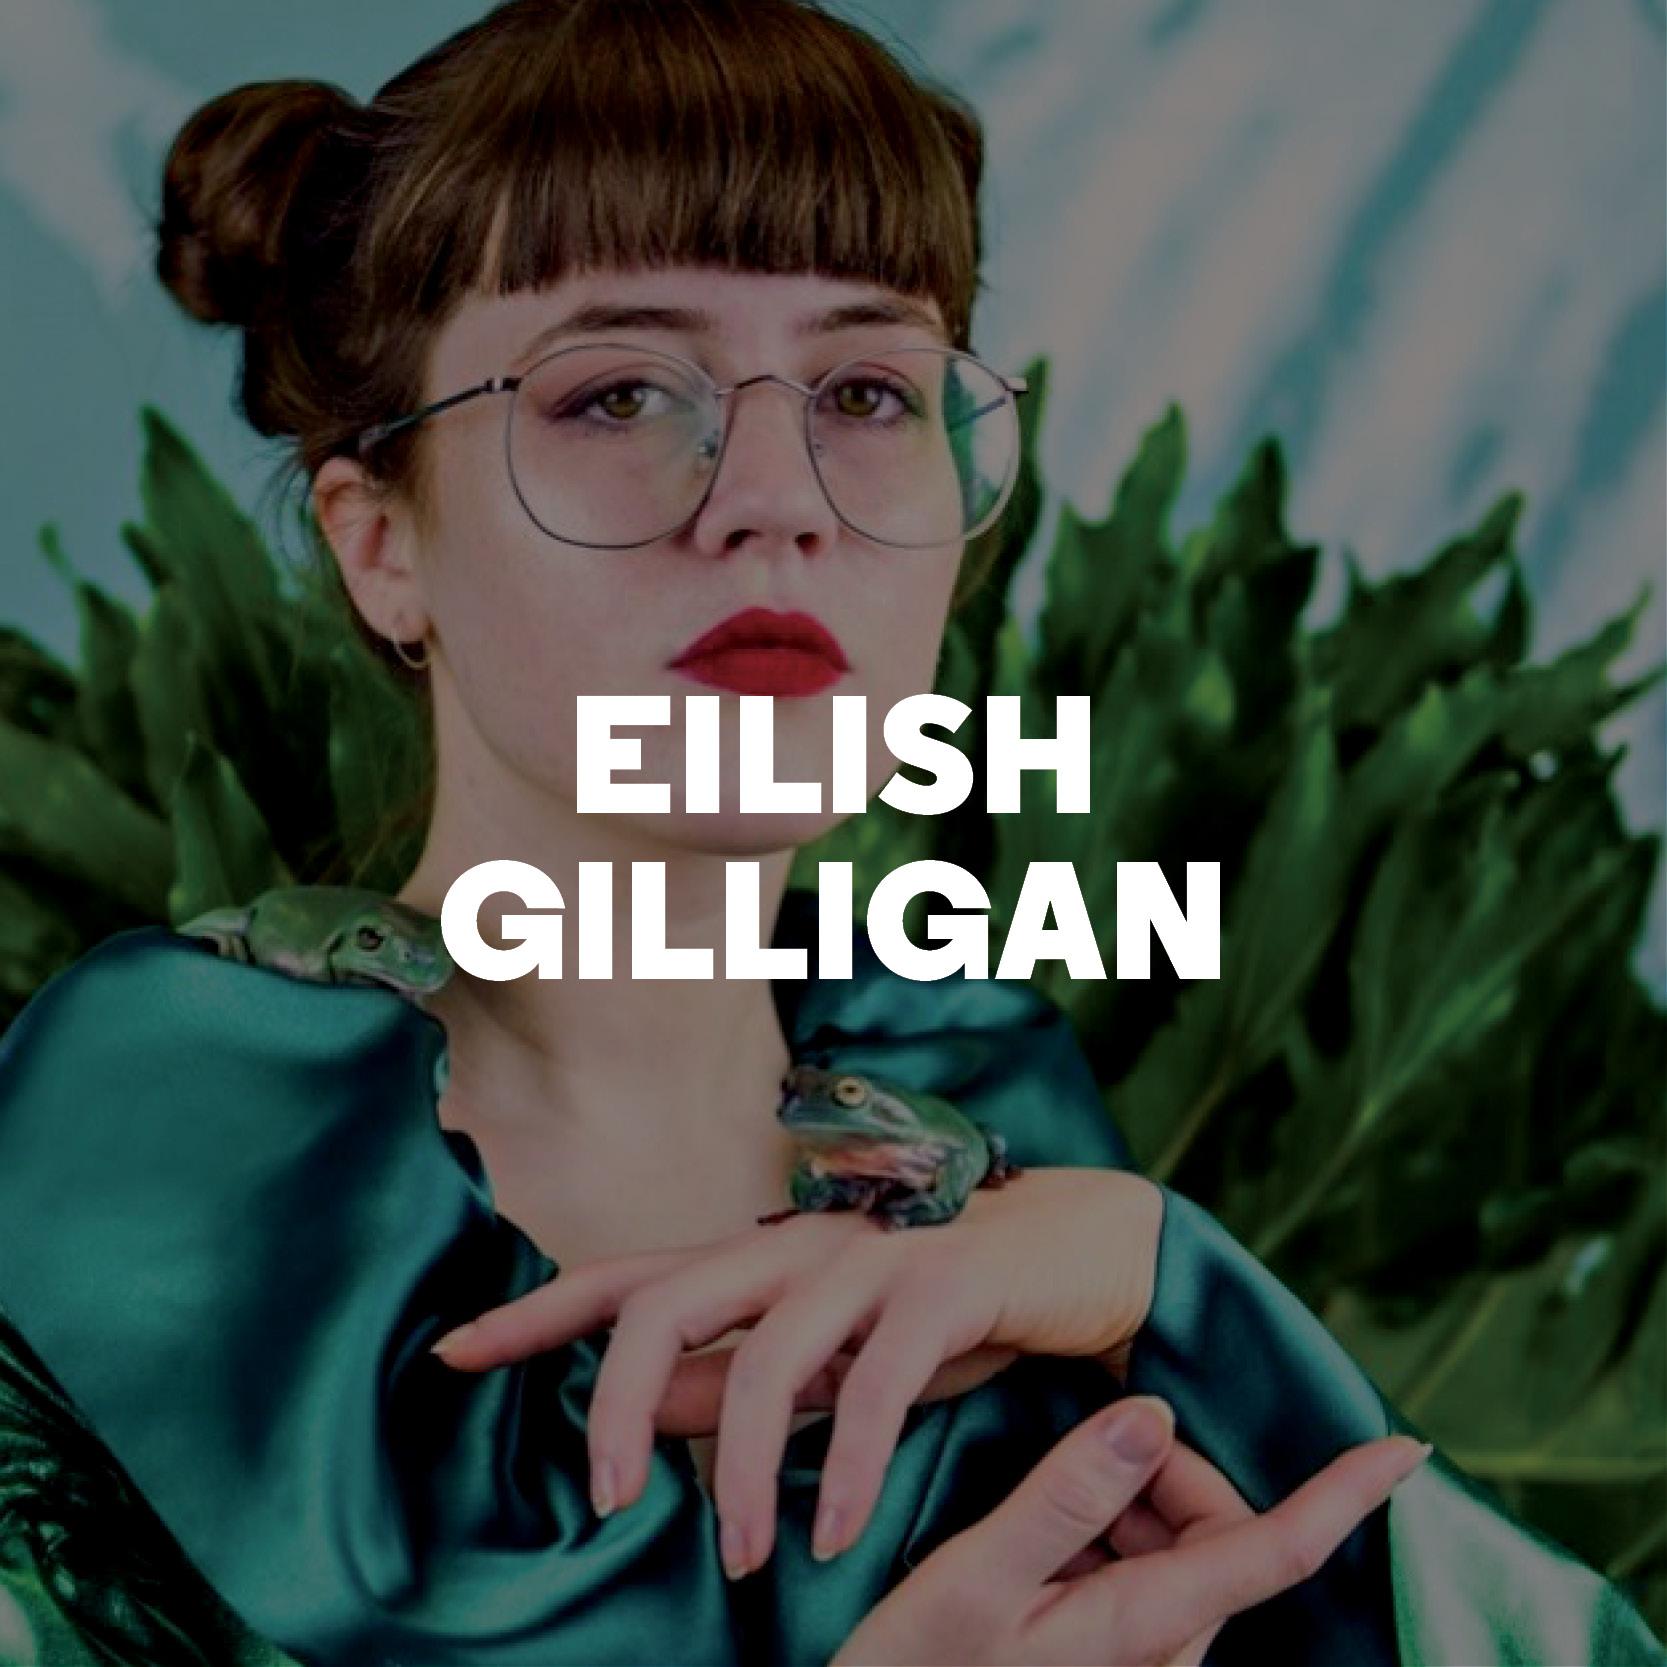 EILISH GILLIGAN